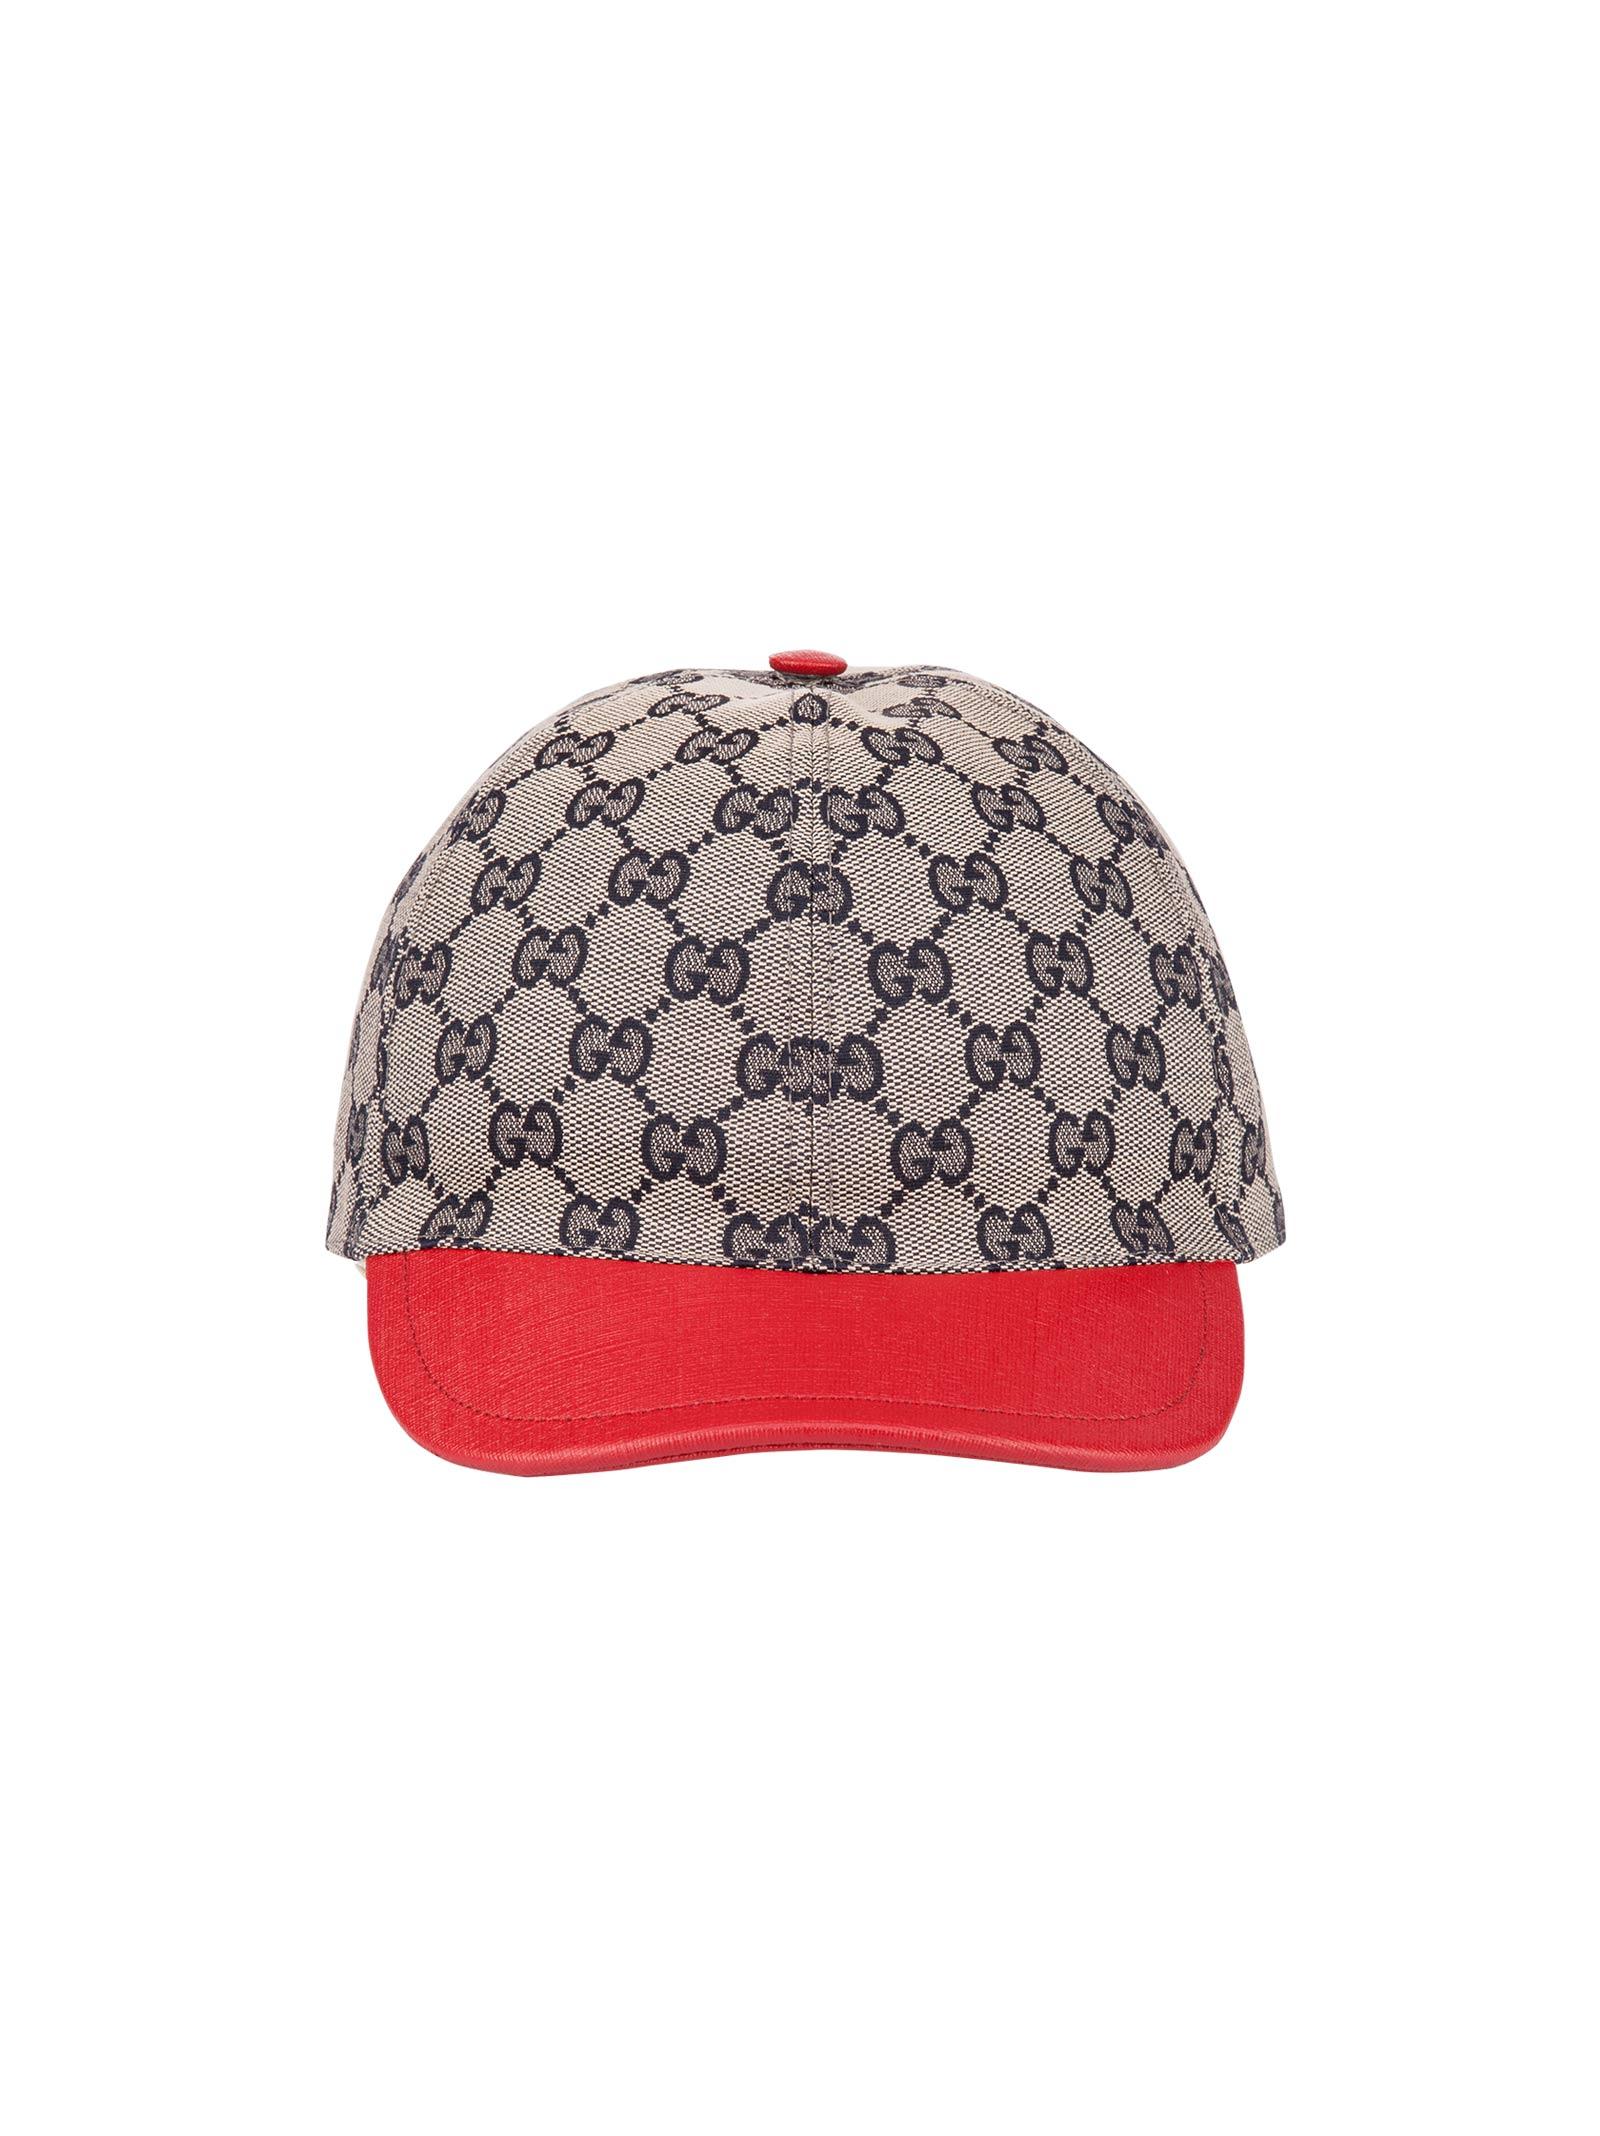 Gucci Junior cap - Gucci Junior - Michele Franzese Moda e2f1eb1bf04